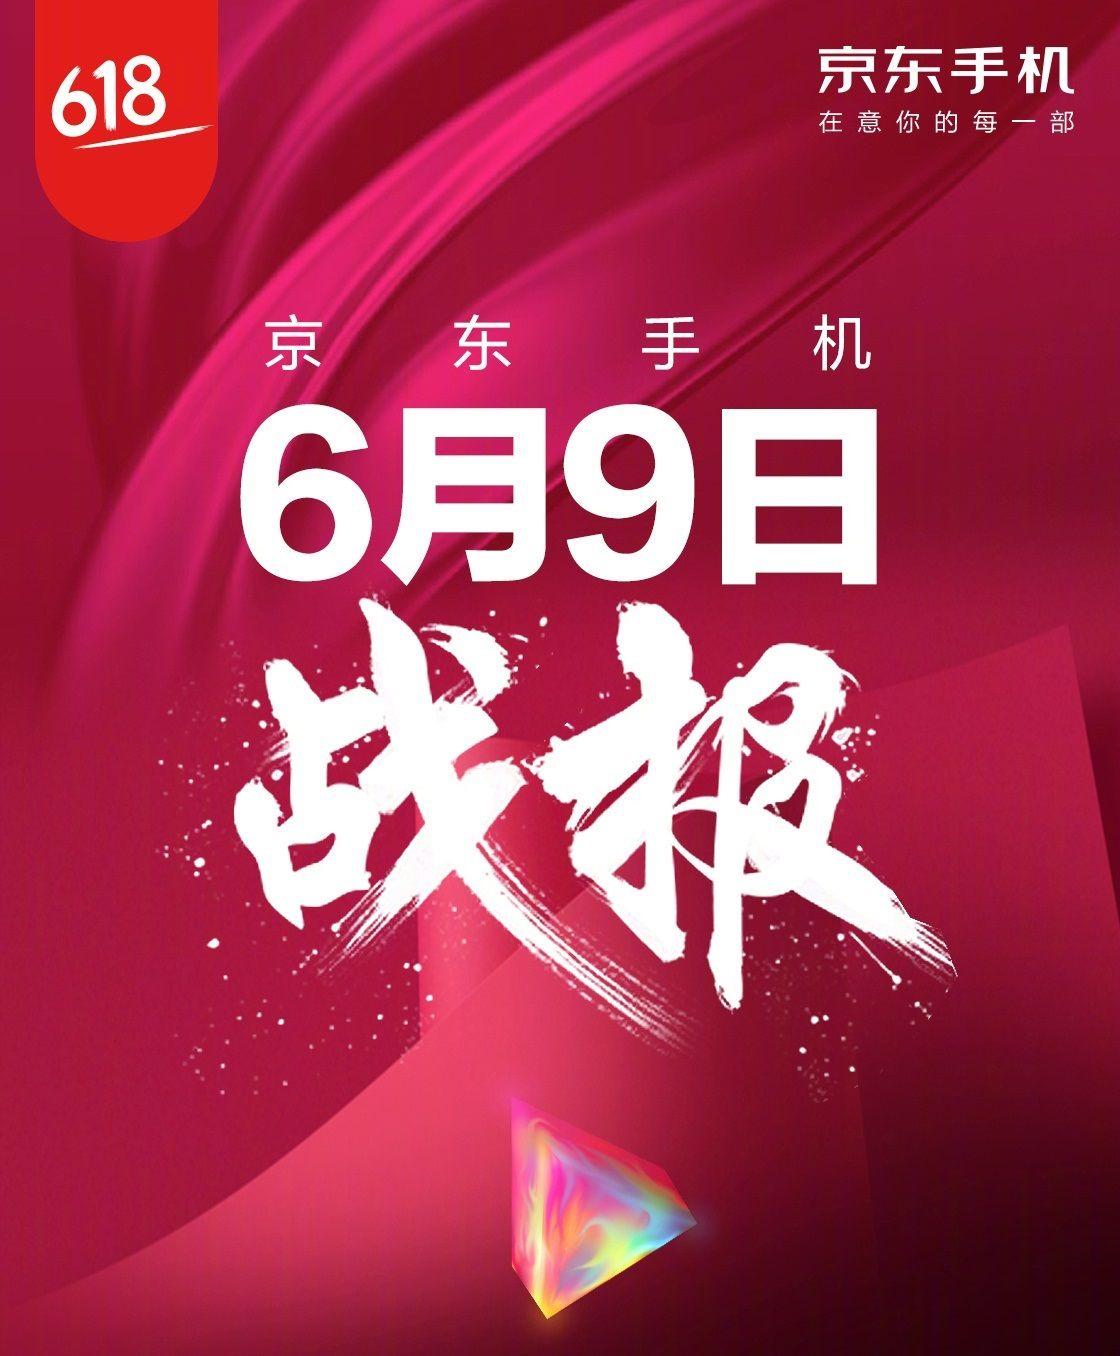 京東の「京東618(創業記念)セール」の9日目のランキングが公開。販売台数TOPはXiaomi